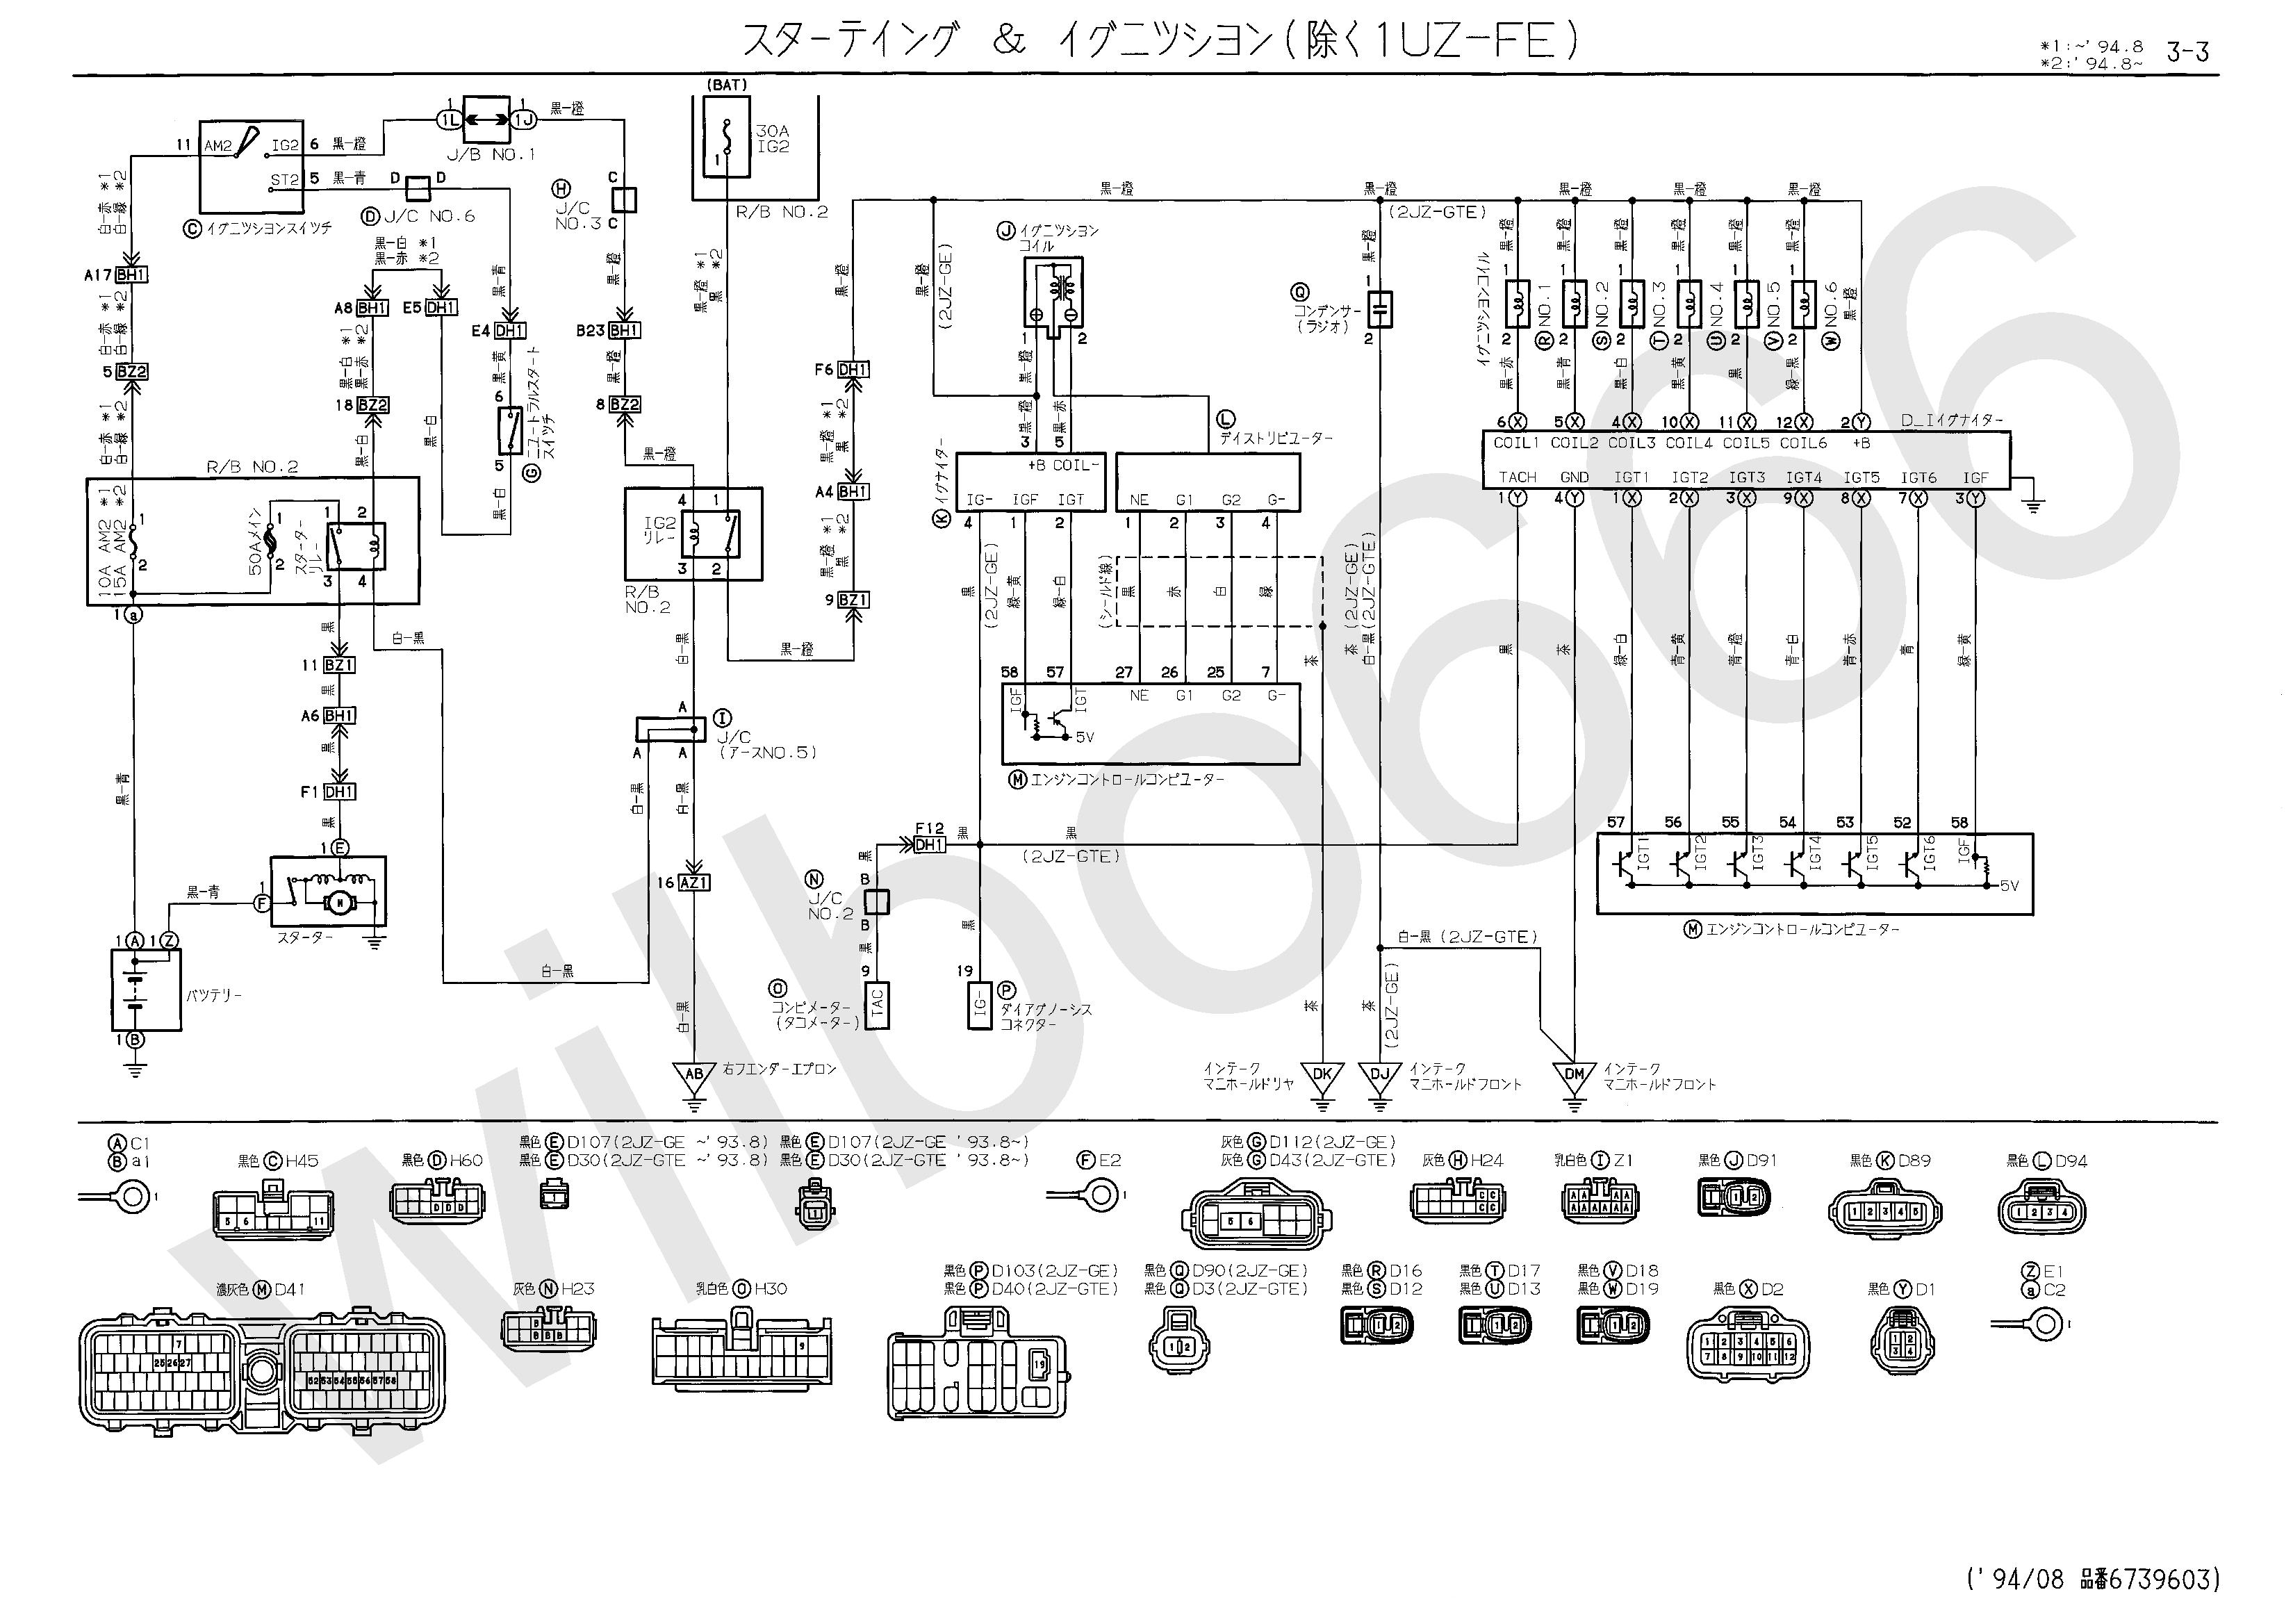 Wondrous Wilbo666 2Jz Gte Jzs147 Aristo Engine Wiring Wiring Cloud Eachirenstrafr09Org